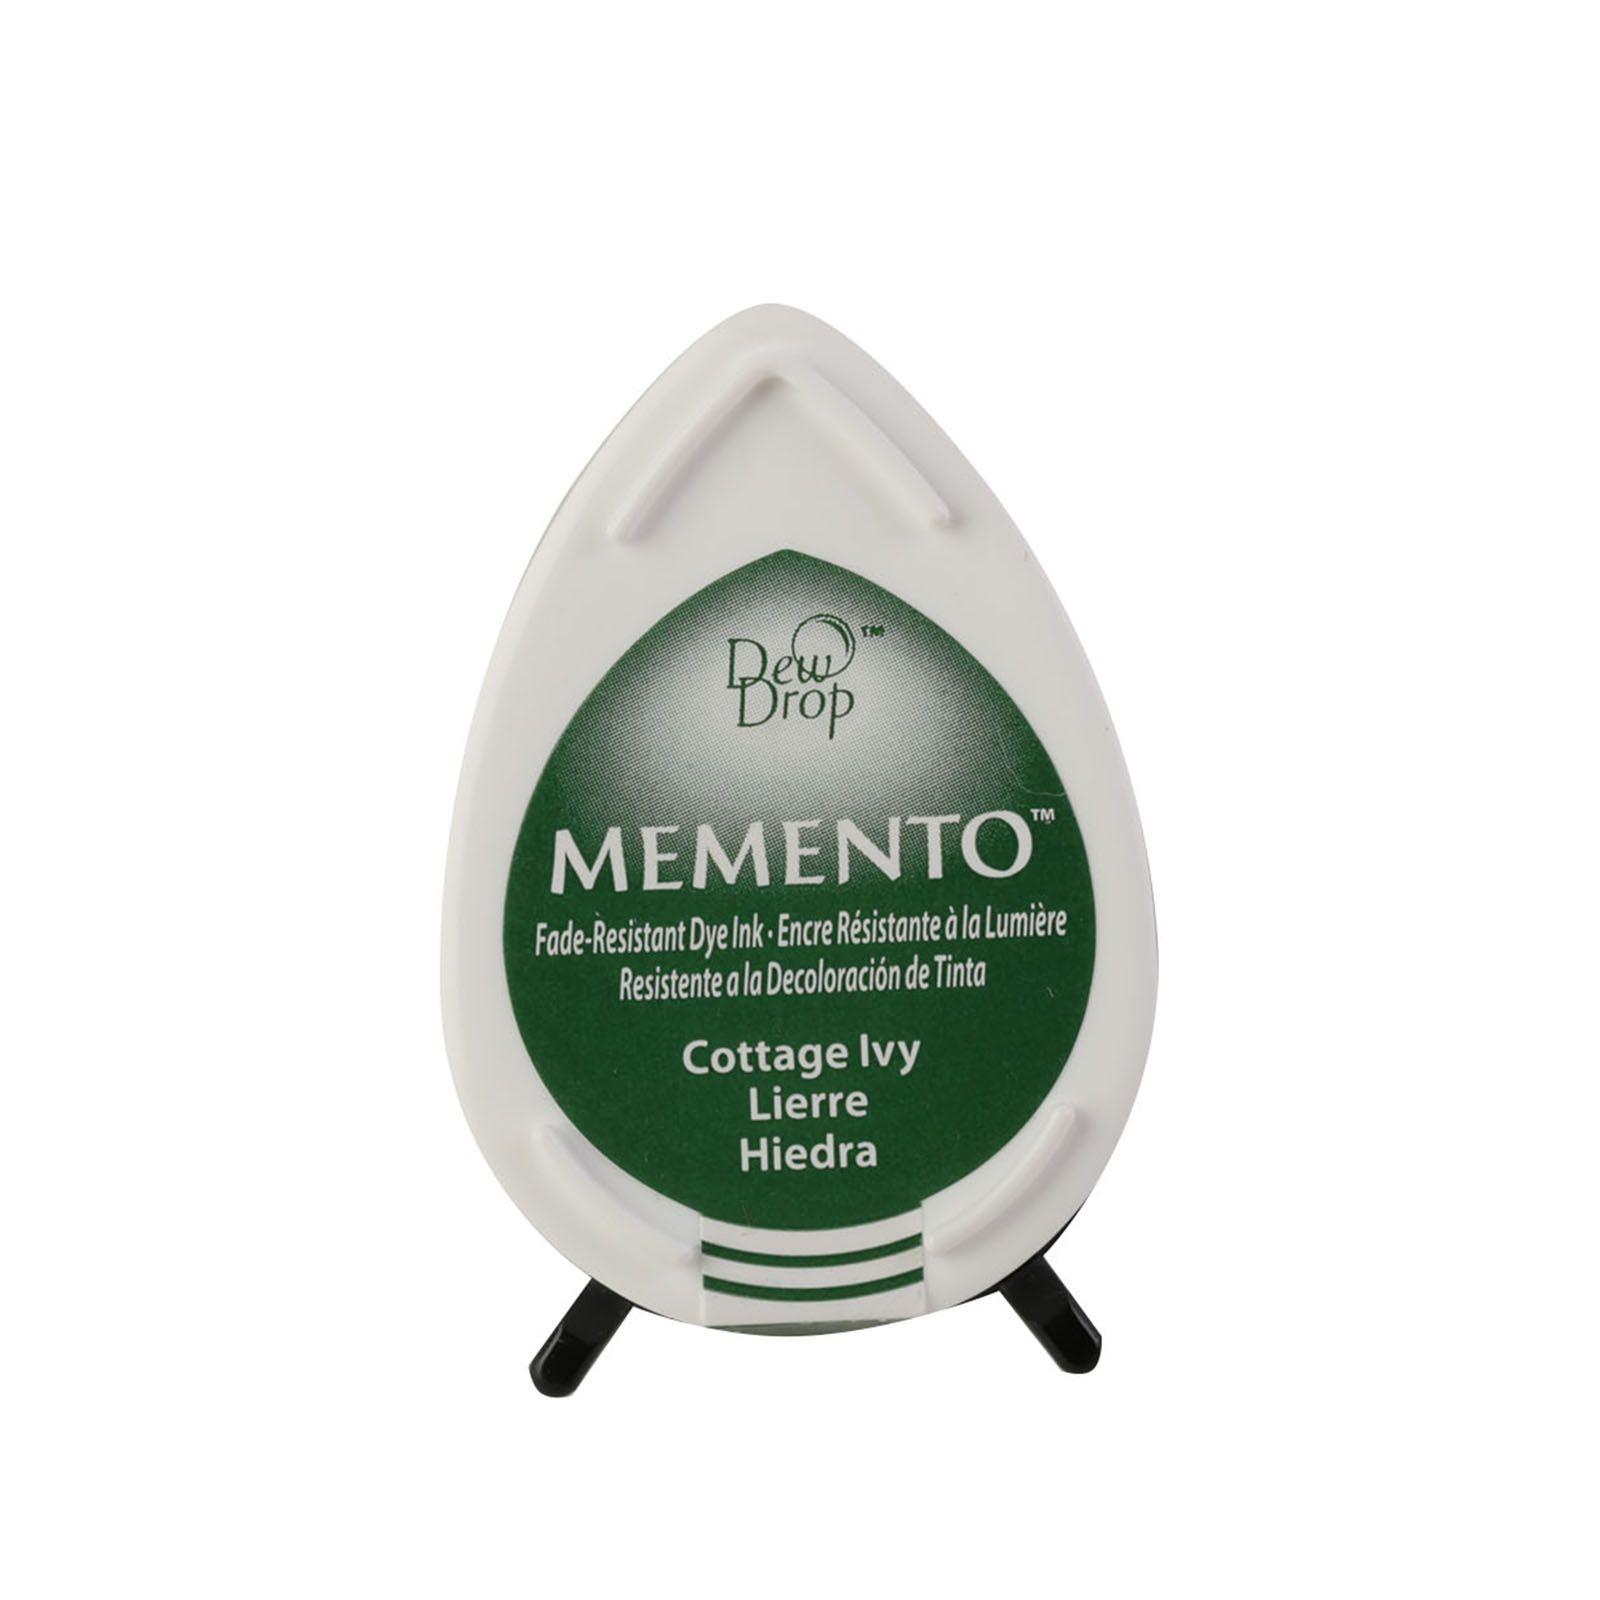 Memento Dew Drops - Tampon encreur - Coloris Lierre